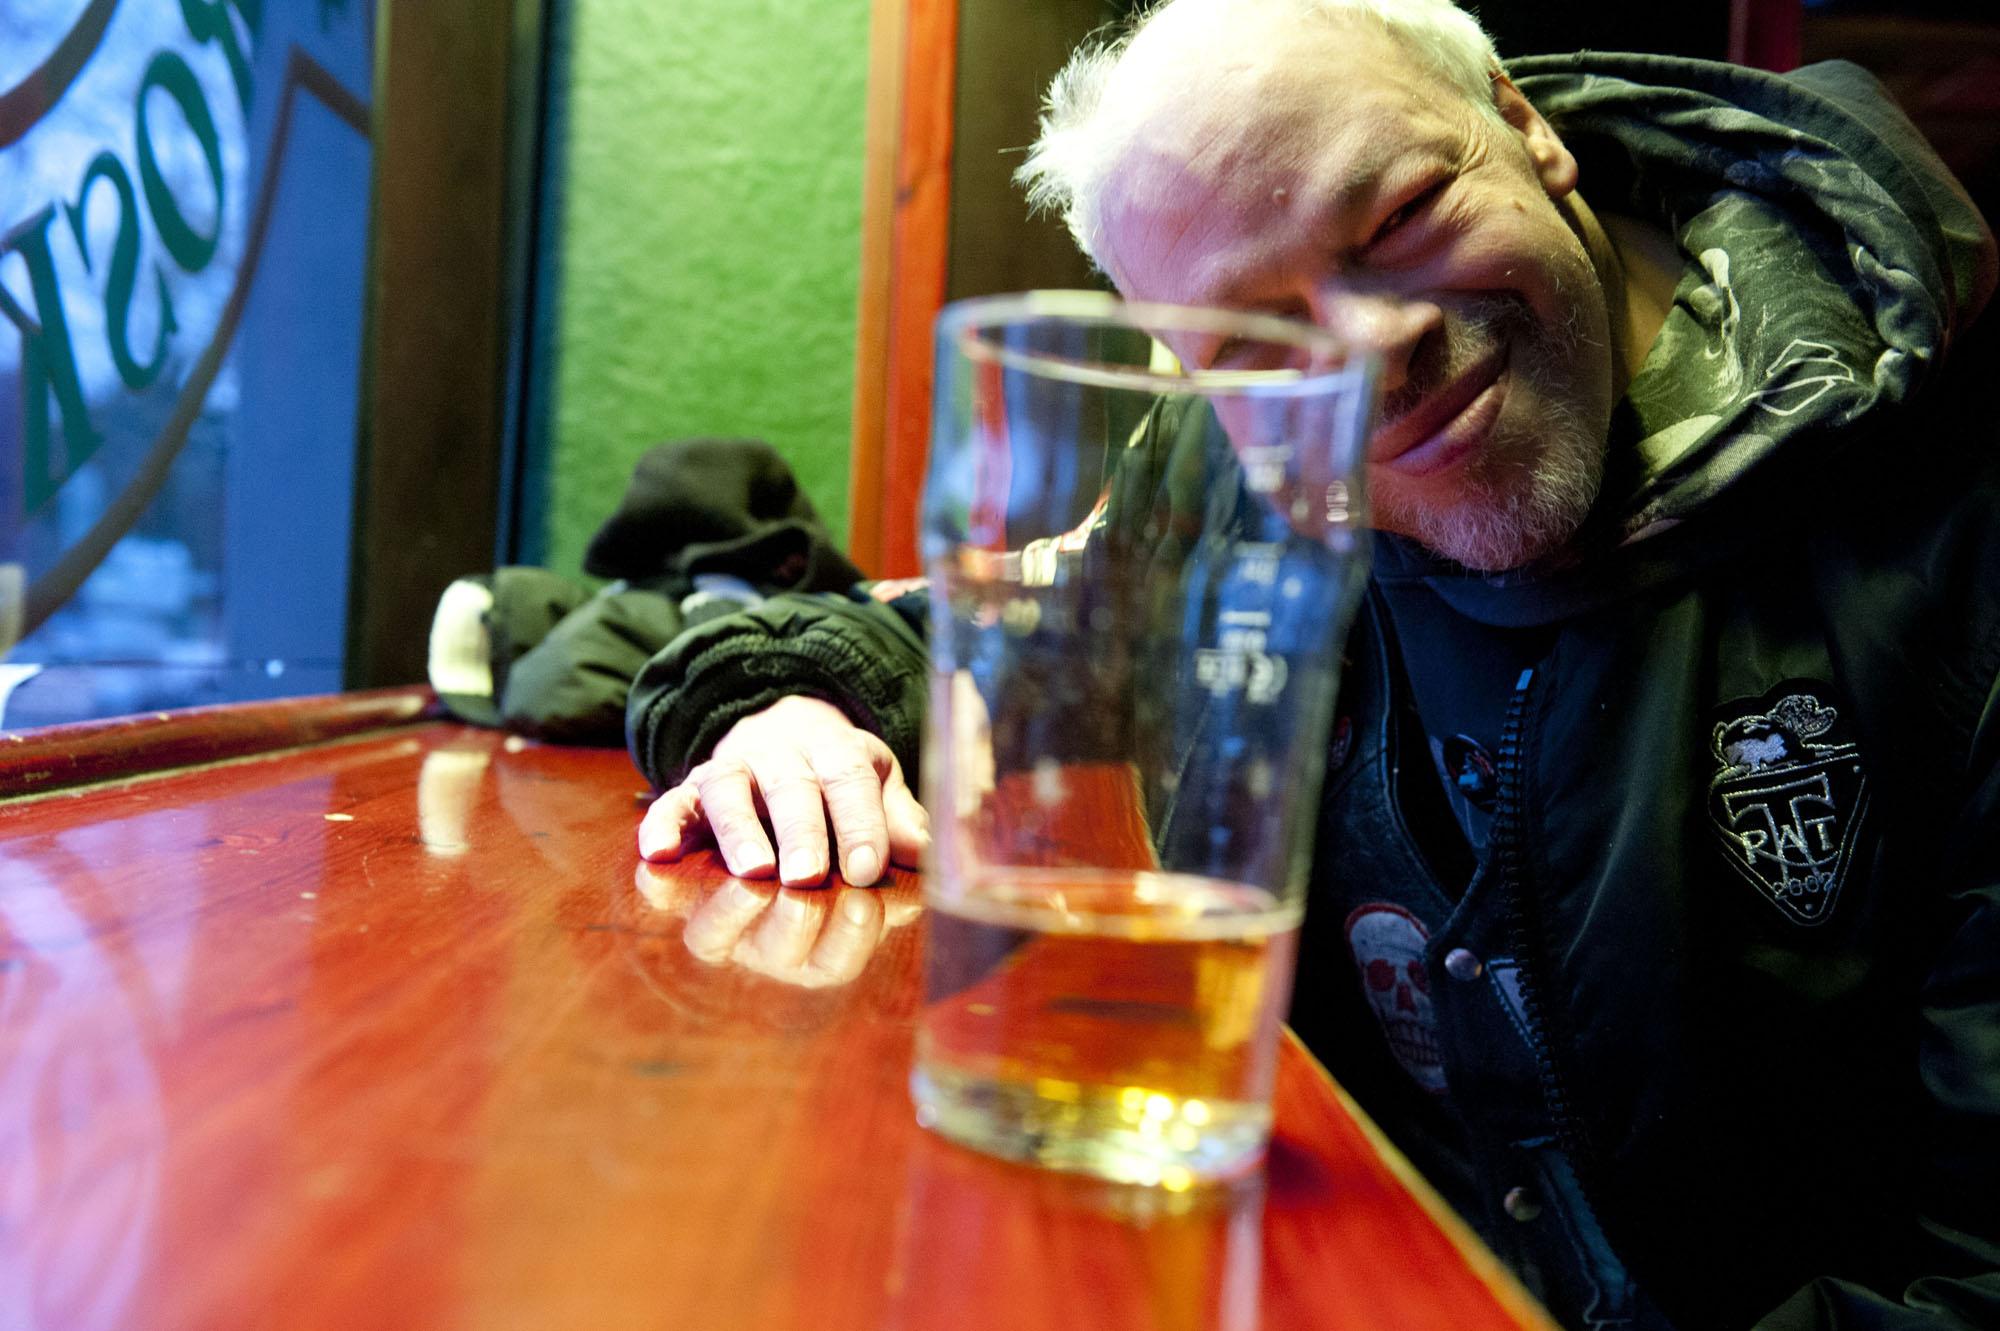 """Alkoholitonta olutta sisältävä tuoppi on vain rekvisiittaa. Oikeasti Kari on enemmän siiderimiehiä. Jos joku muu tarjoaa, hän juo mielellään viskikolaa, koska se on """"amerikanjuomaa"""". Usein mennään kuitenkin ihan vain kokis- tai kahvilinjalla."""